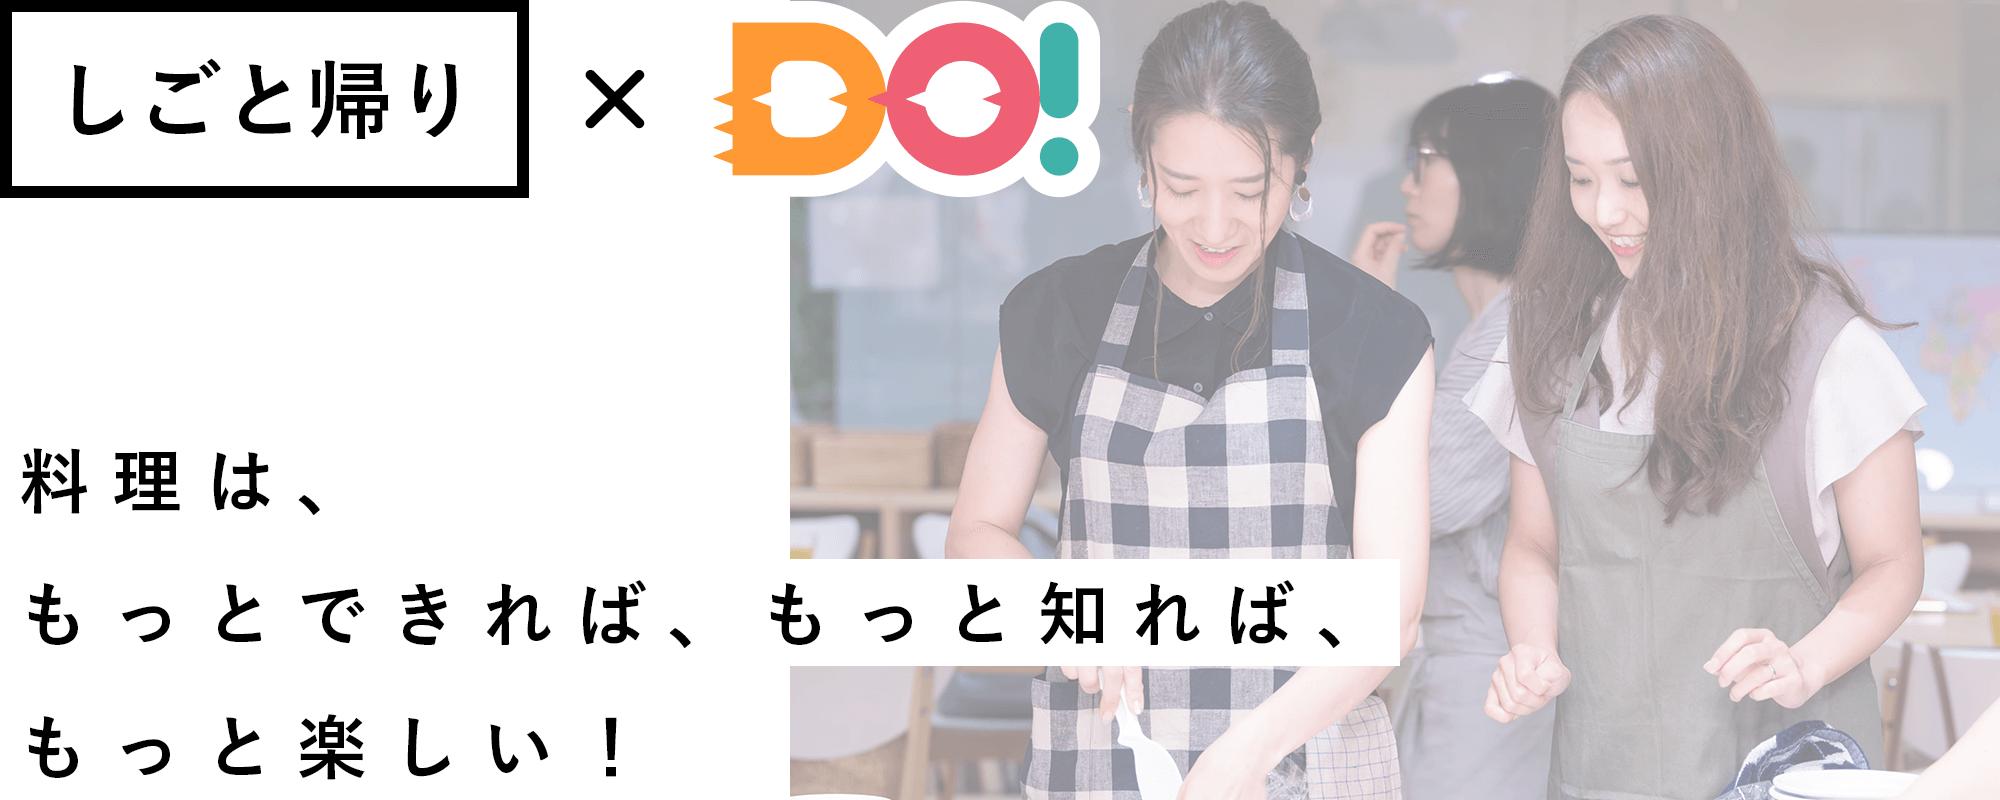 しごと帰り×Do!